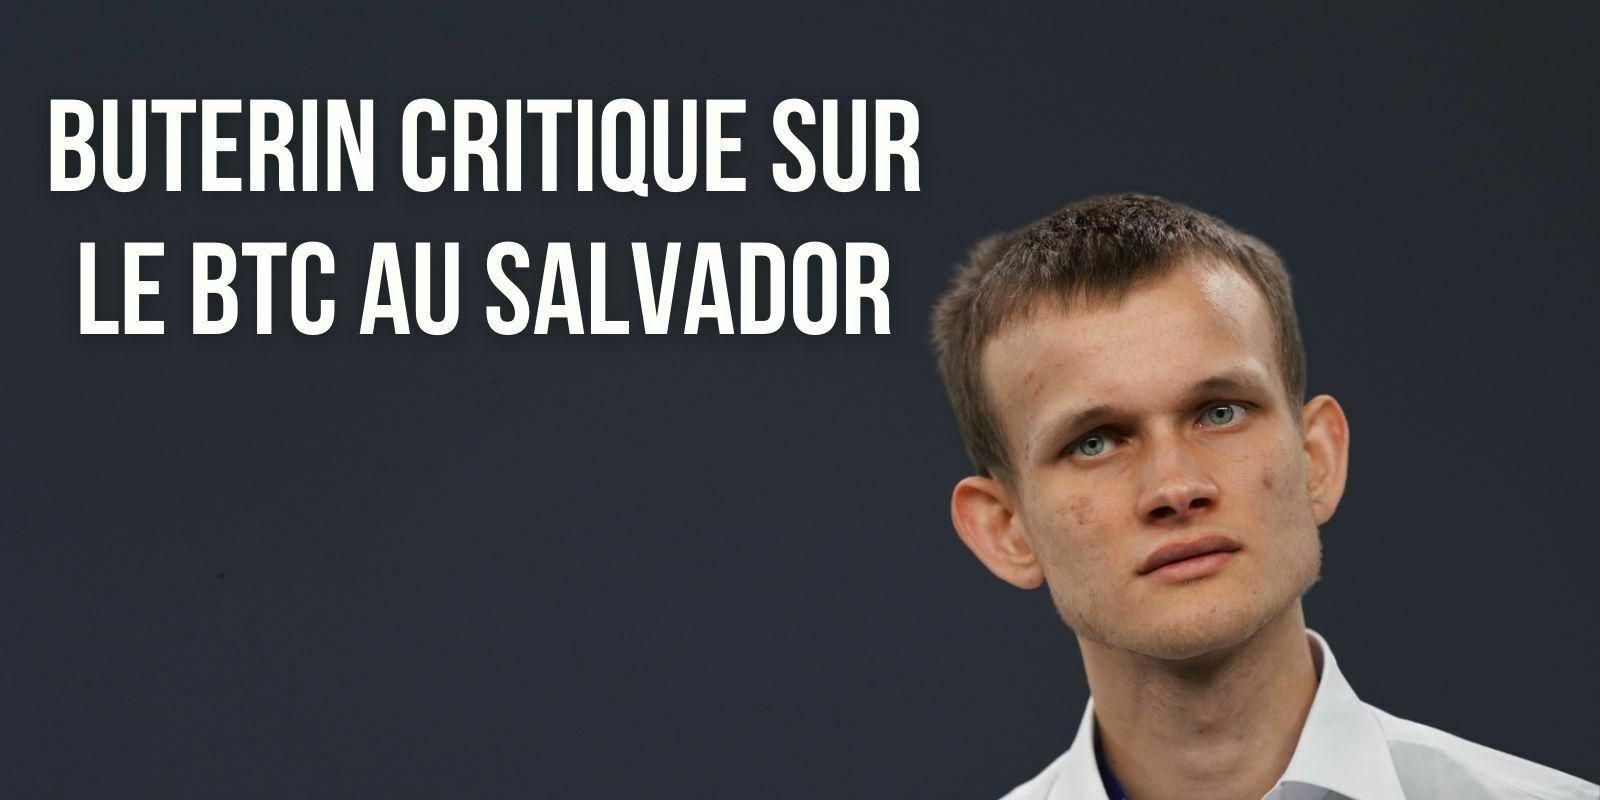 Bitcoin au Salvador : Vitalik Buterin critique la stratégie de Nayib Bukele